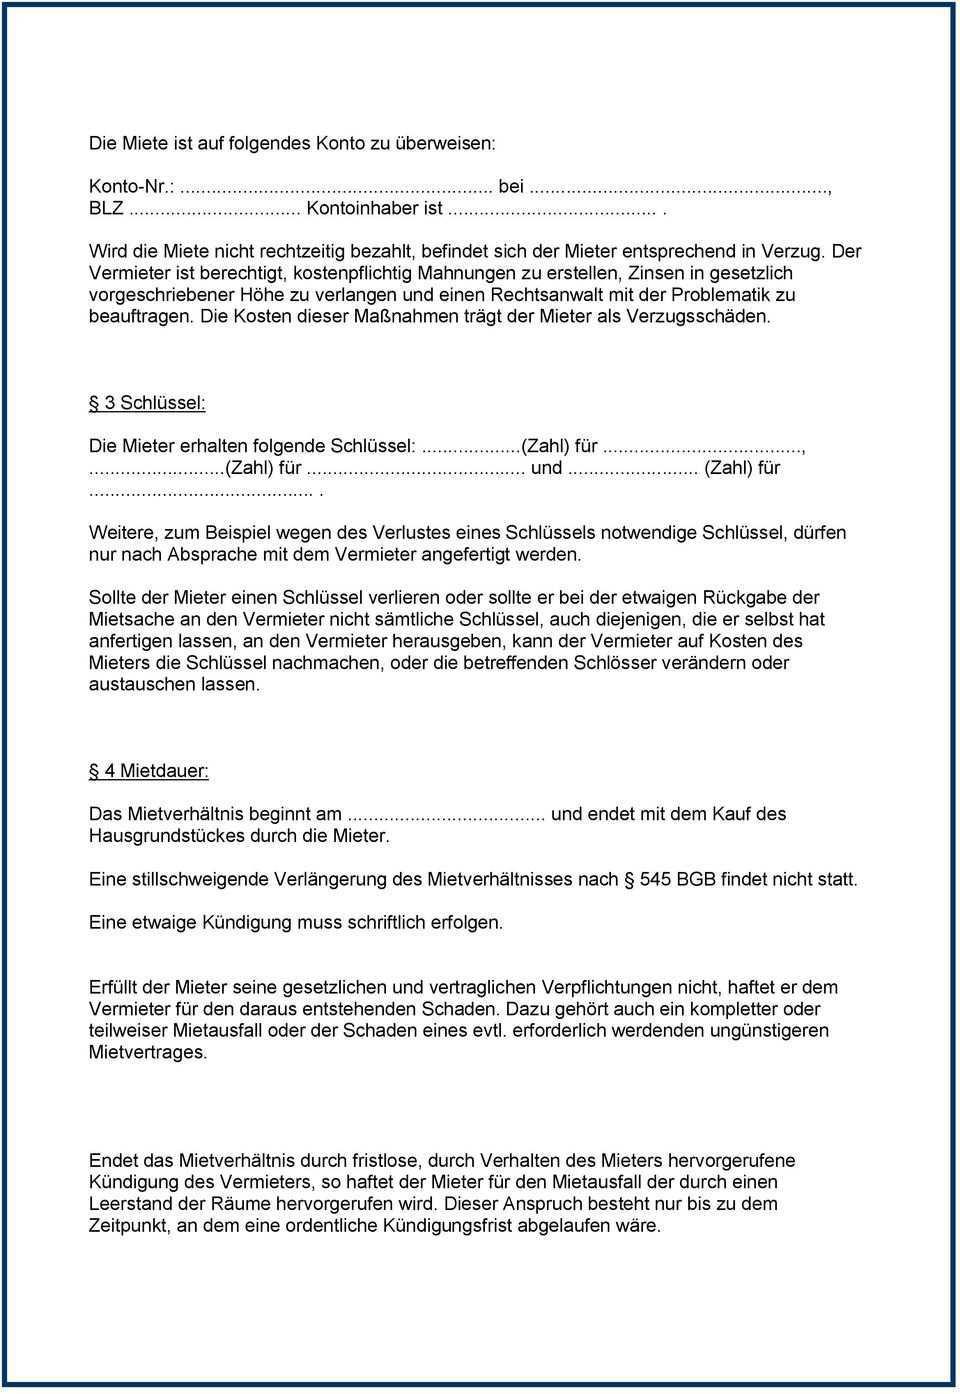 Mietkauf E Book Unternehmensgruppe Draxler Unternehmensberatung Tel Funk Pdf Kostenfreier Download